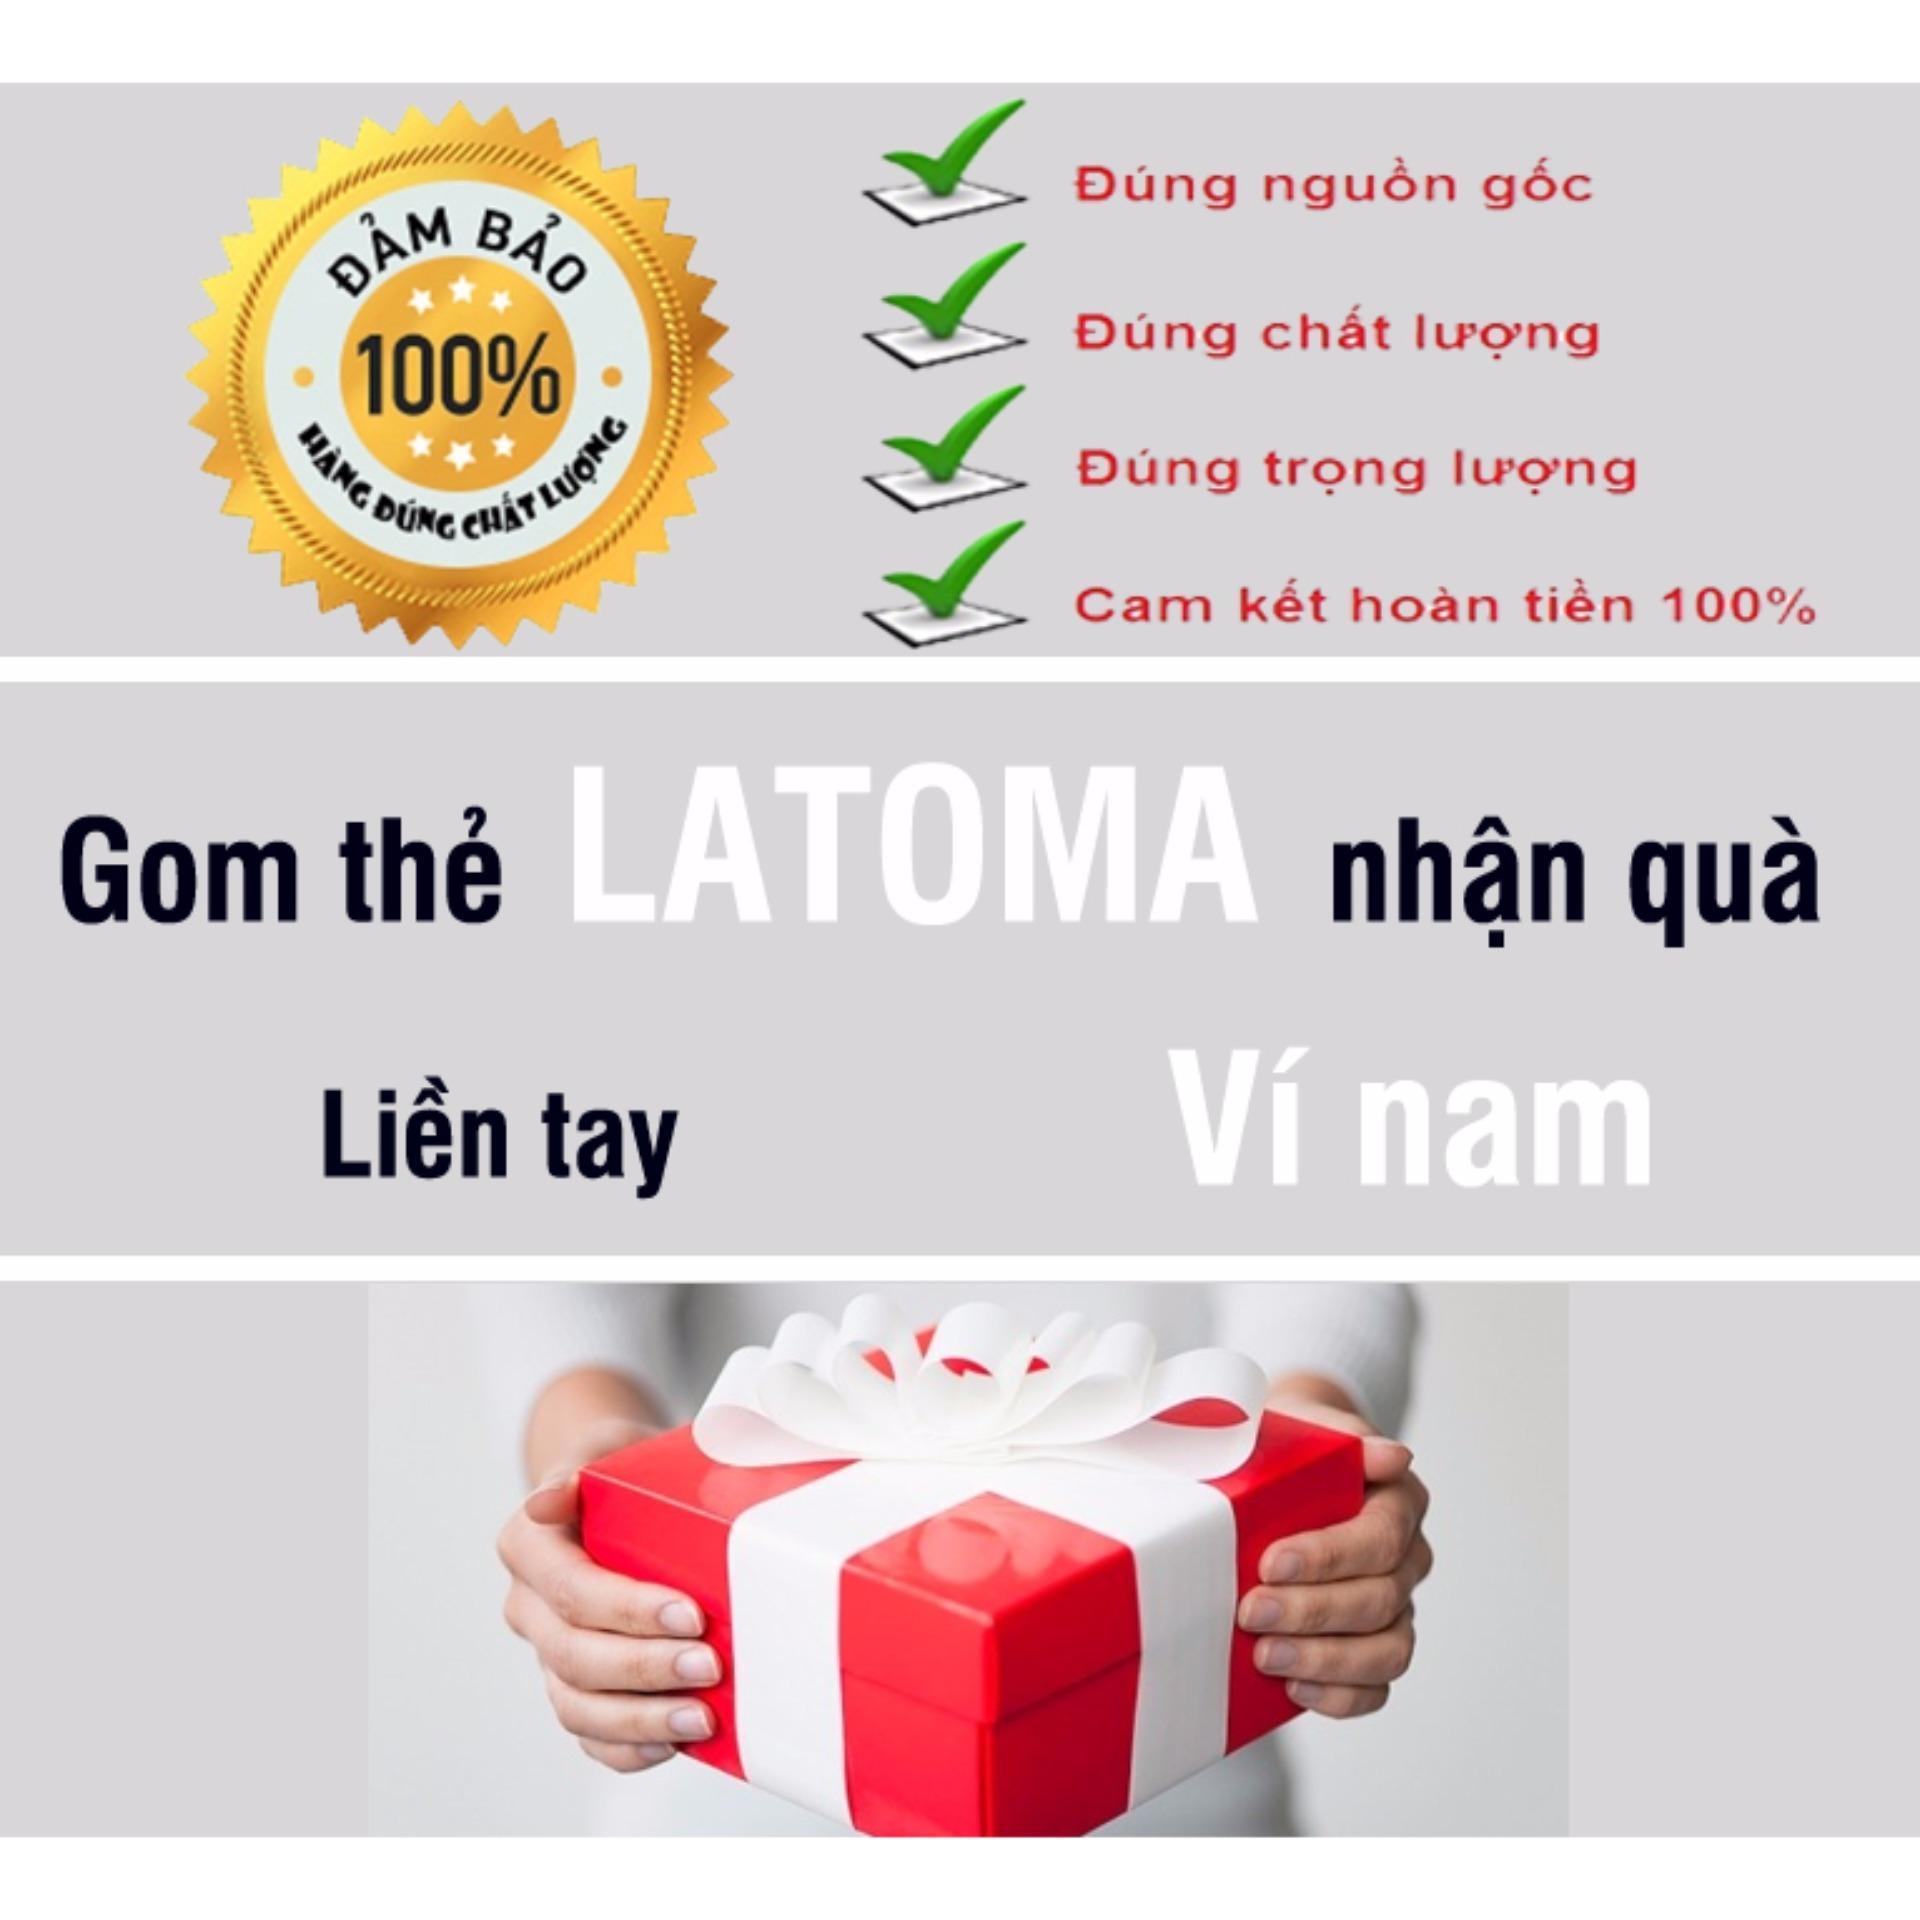 Latoma